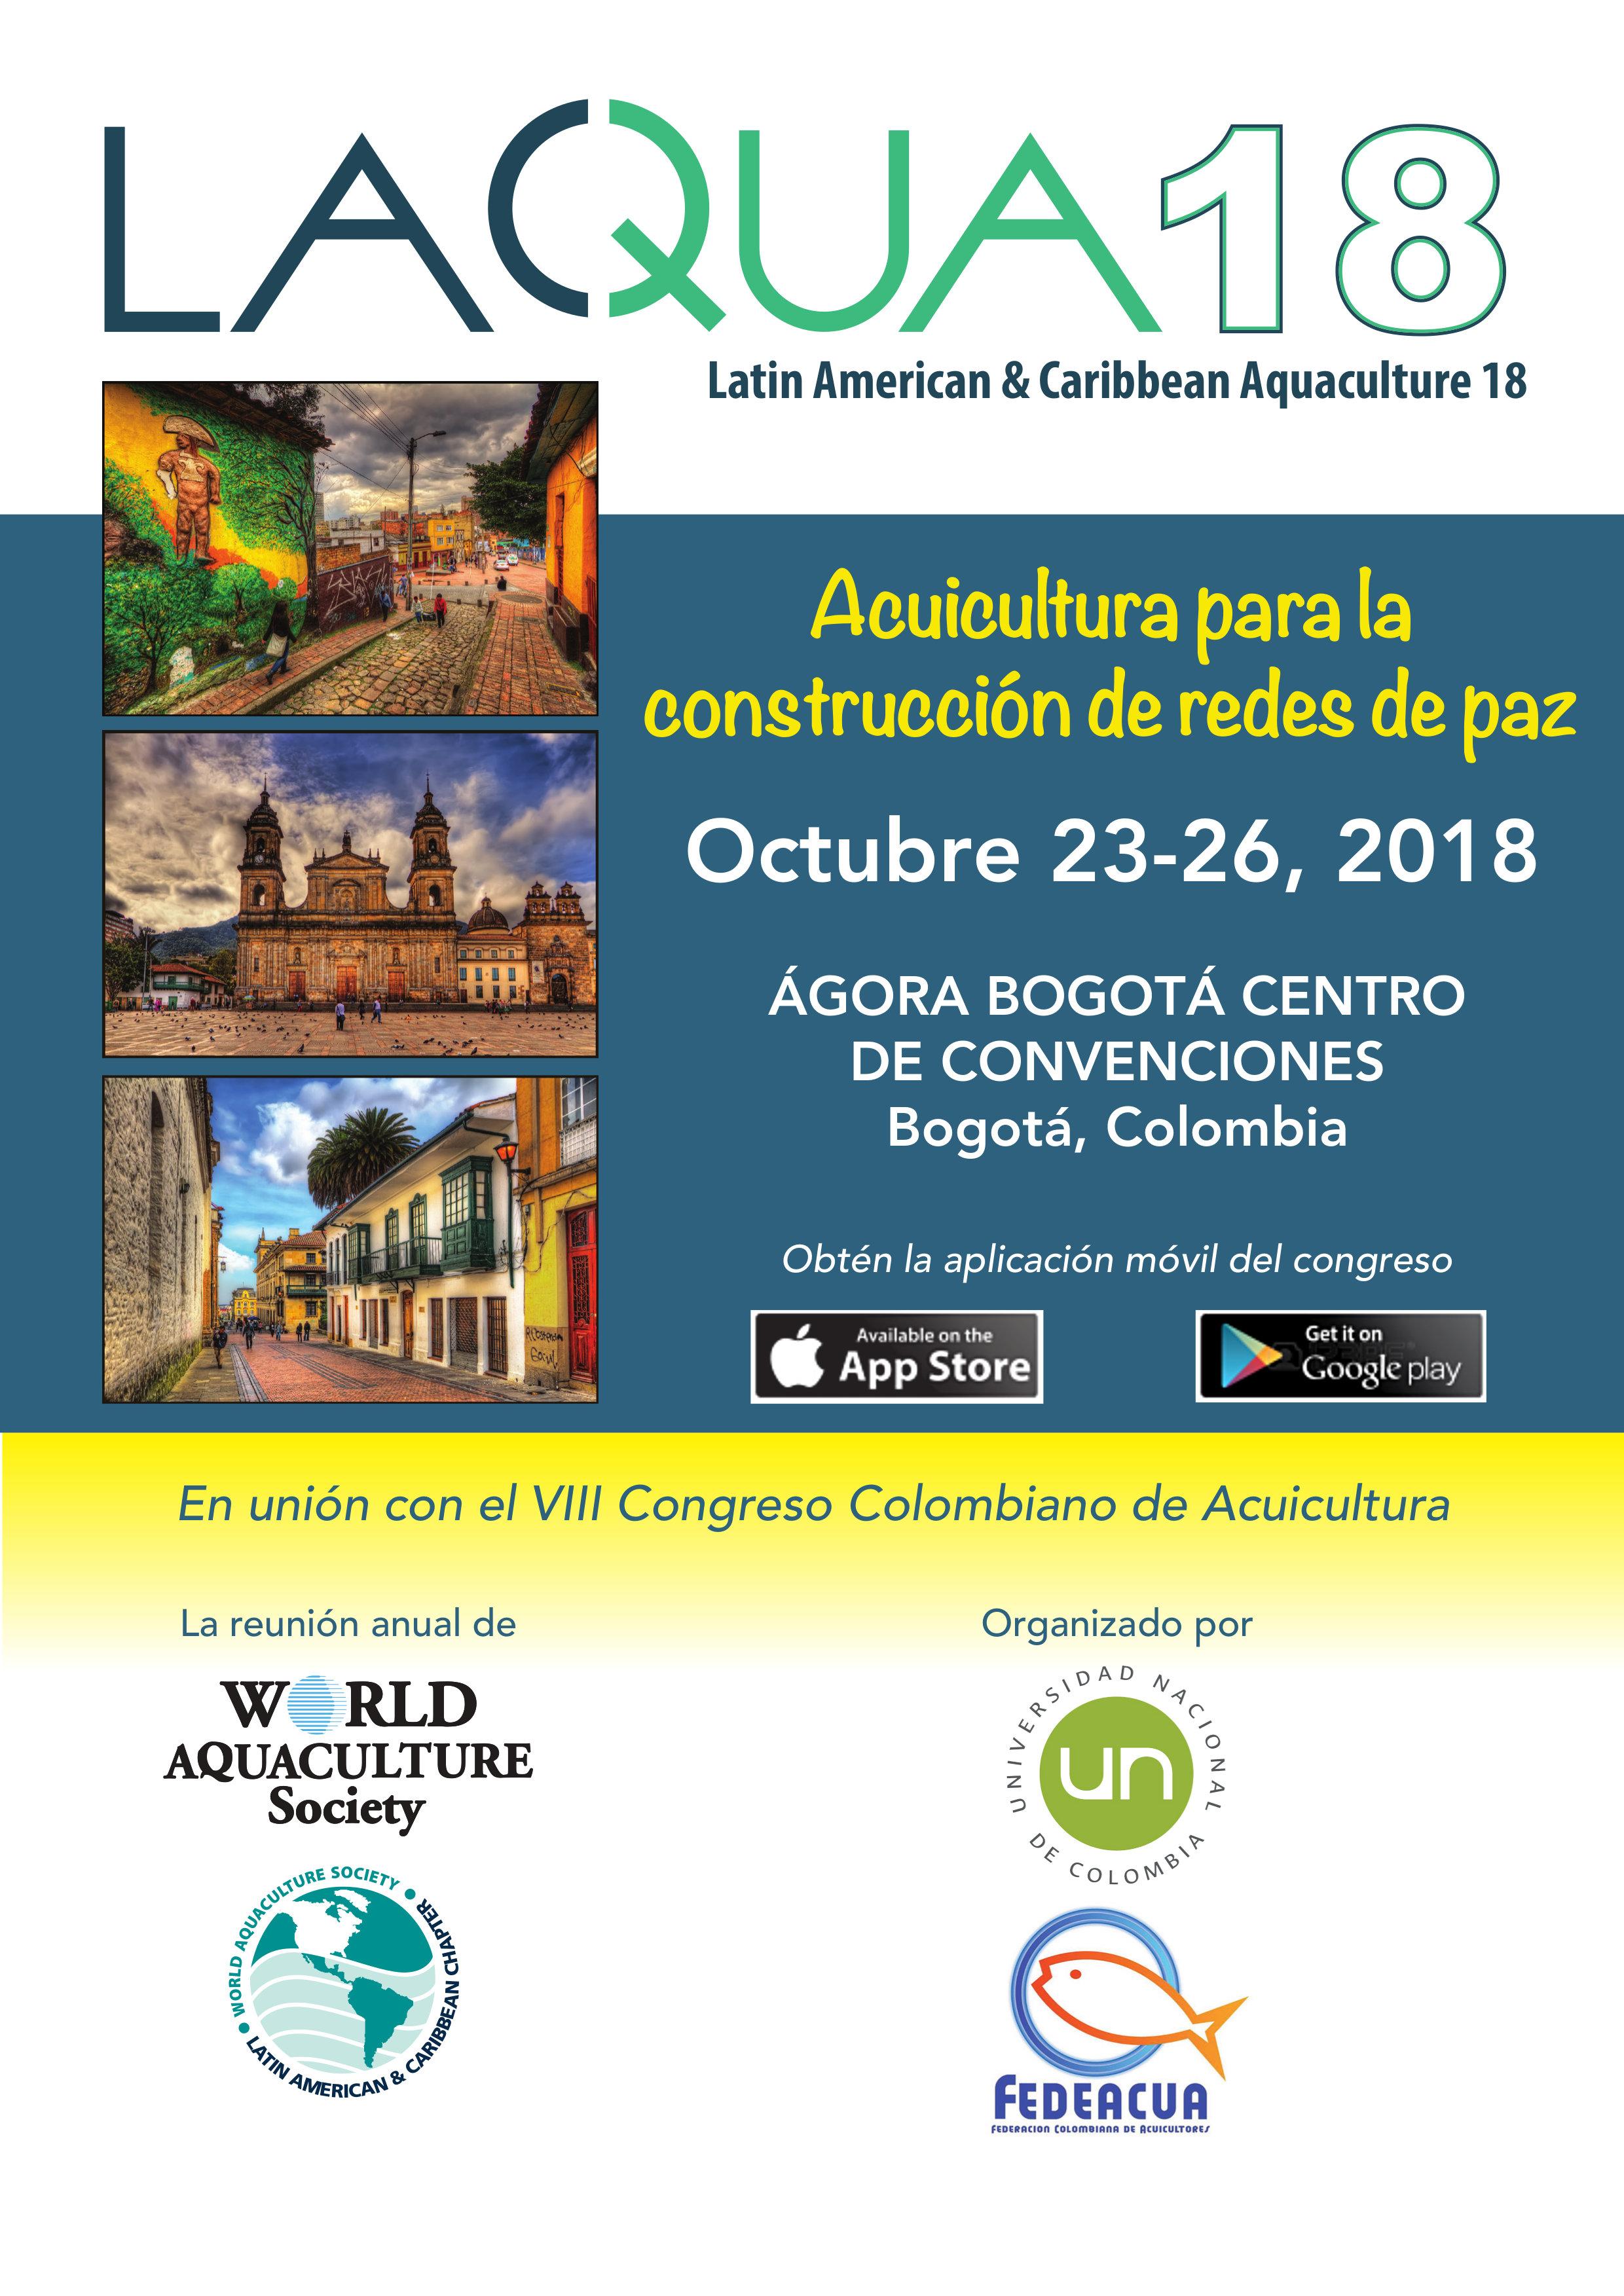 Latin American & Caribbean Aquaculture 18 (LAQUA18): «Acuicultura para la construcción de redes de paz» / VIII Congreso Colombiano de Acuicultura